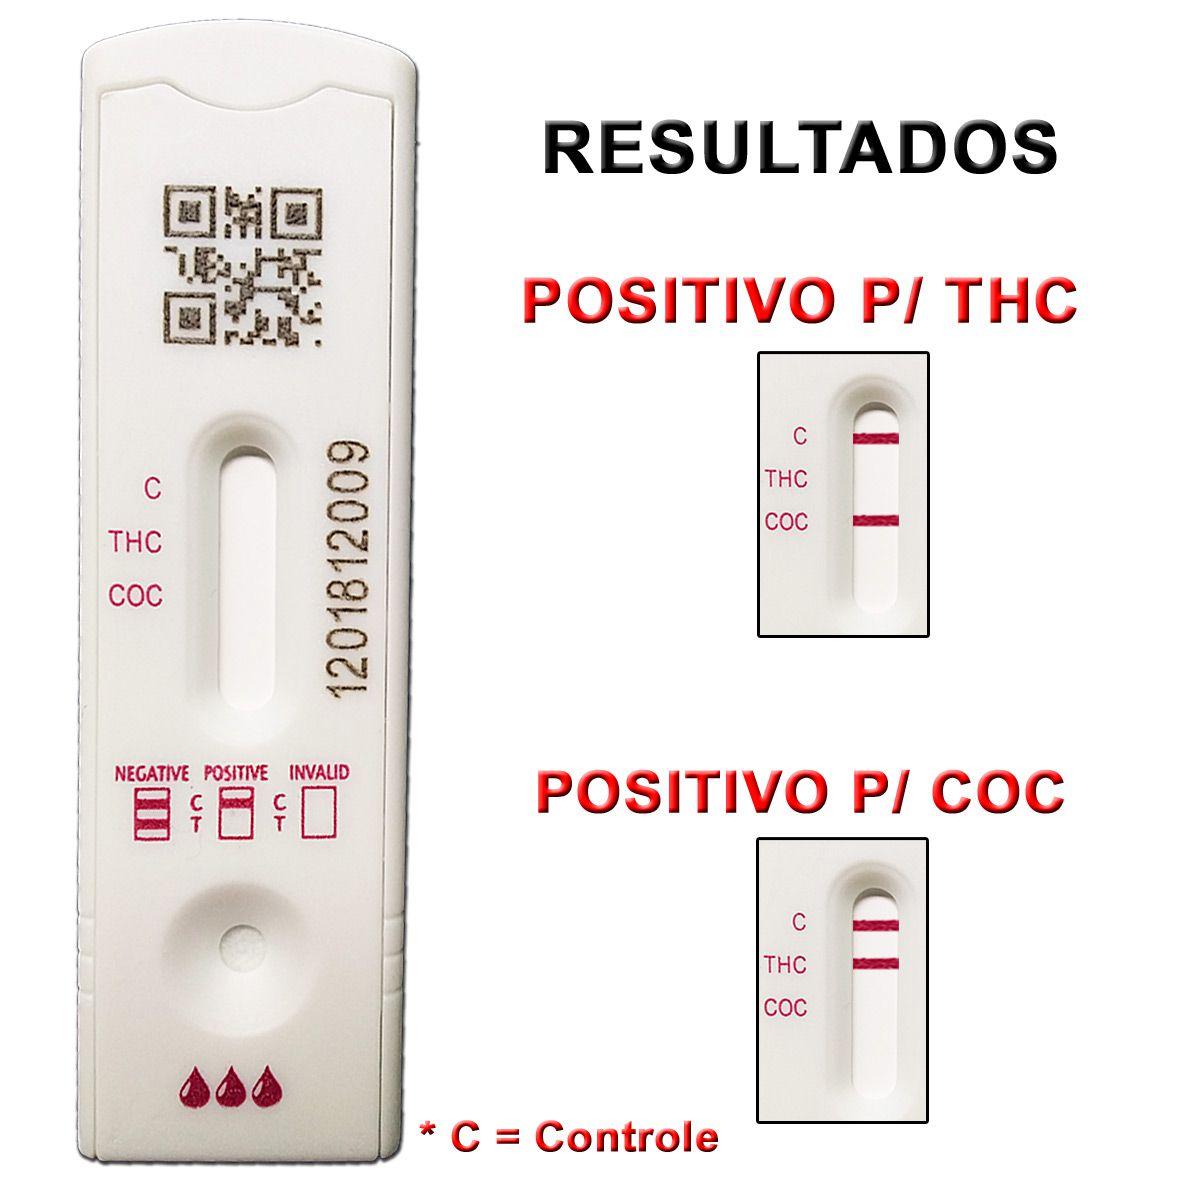 05 Kits para testes de COC + THC  - Testes Para COVID e Drogas. Máscaras Descartáveis e Suplementos e Anti Tabaco